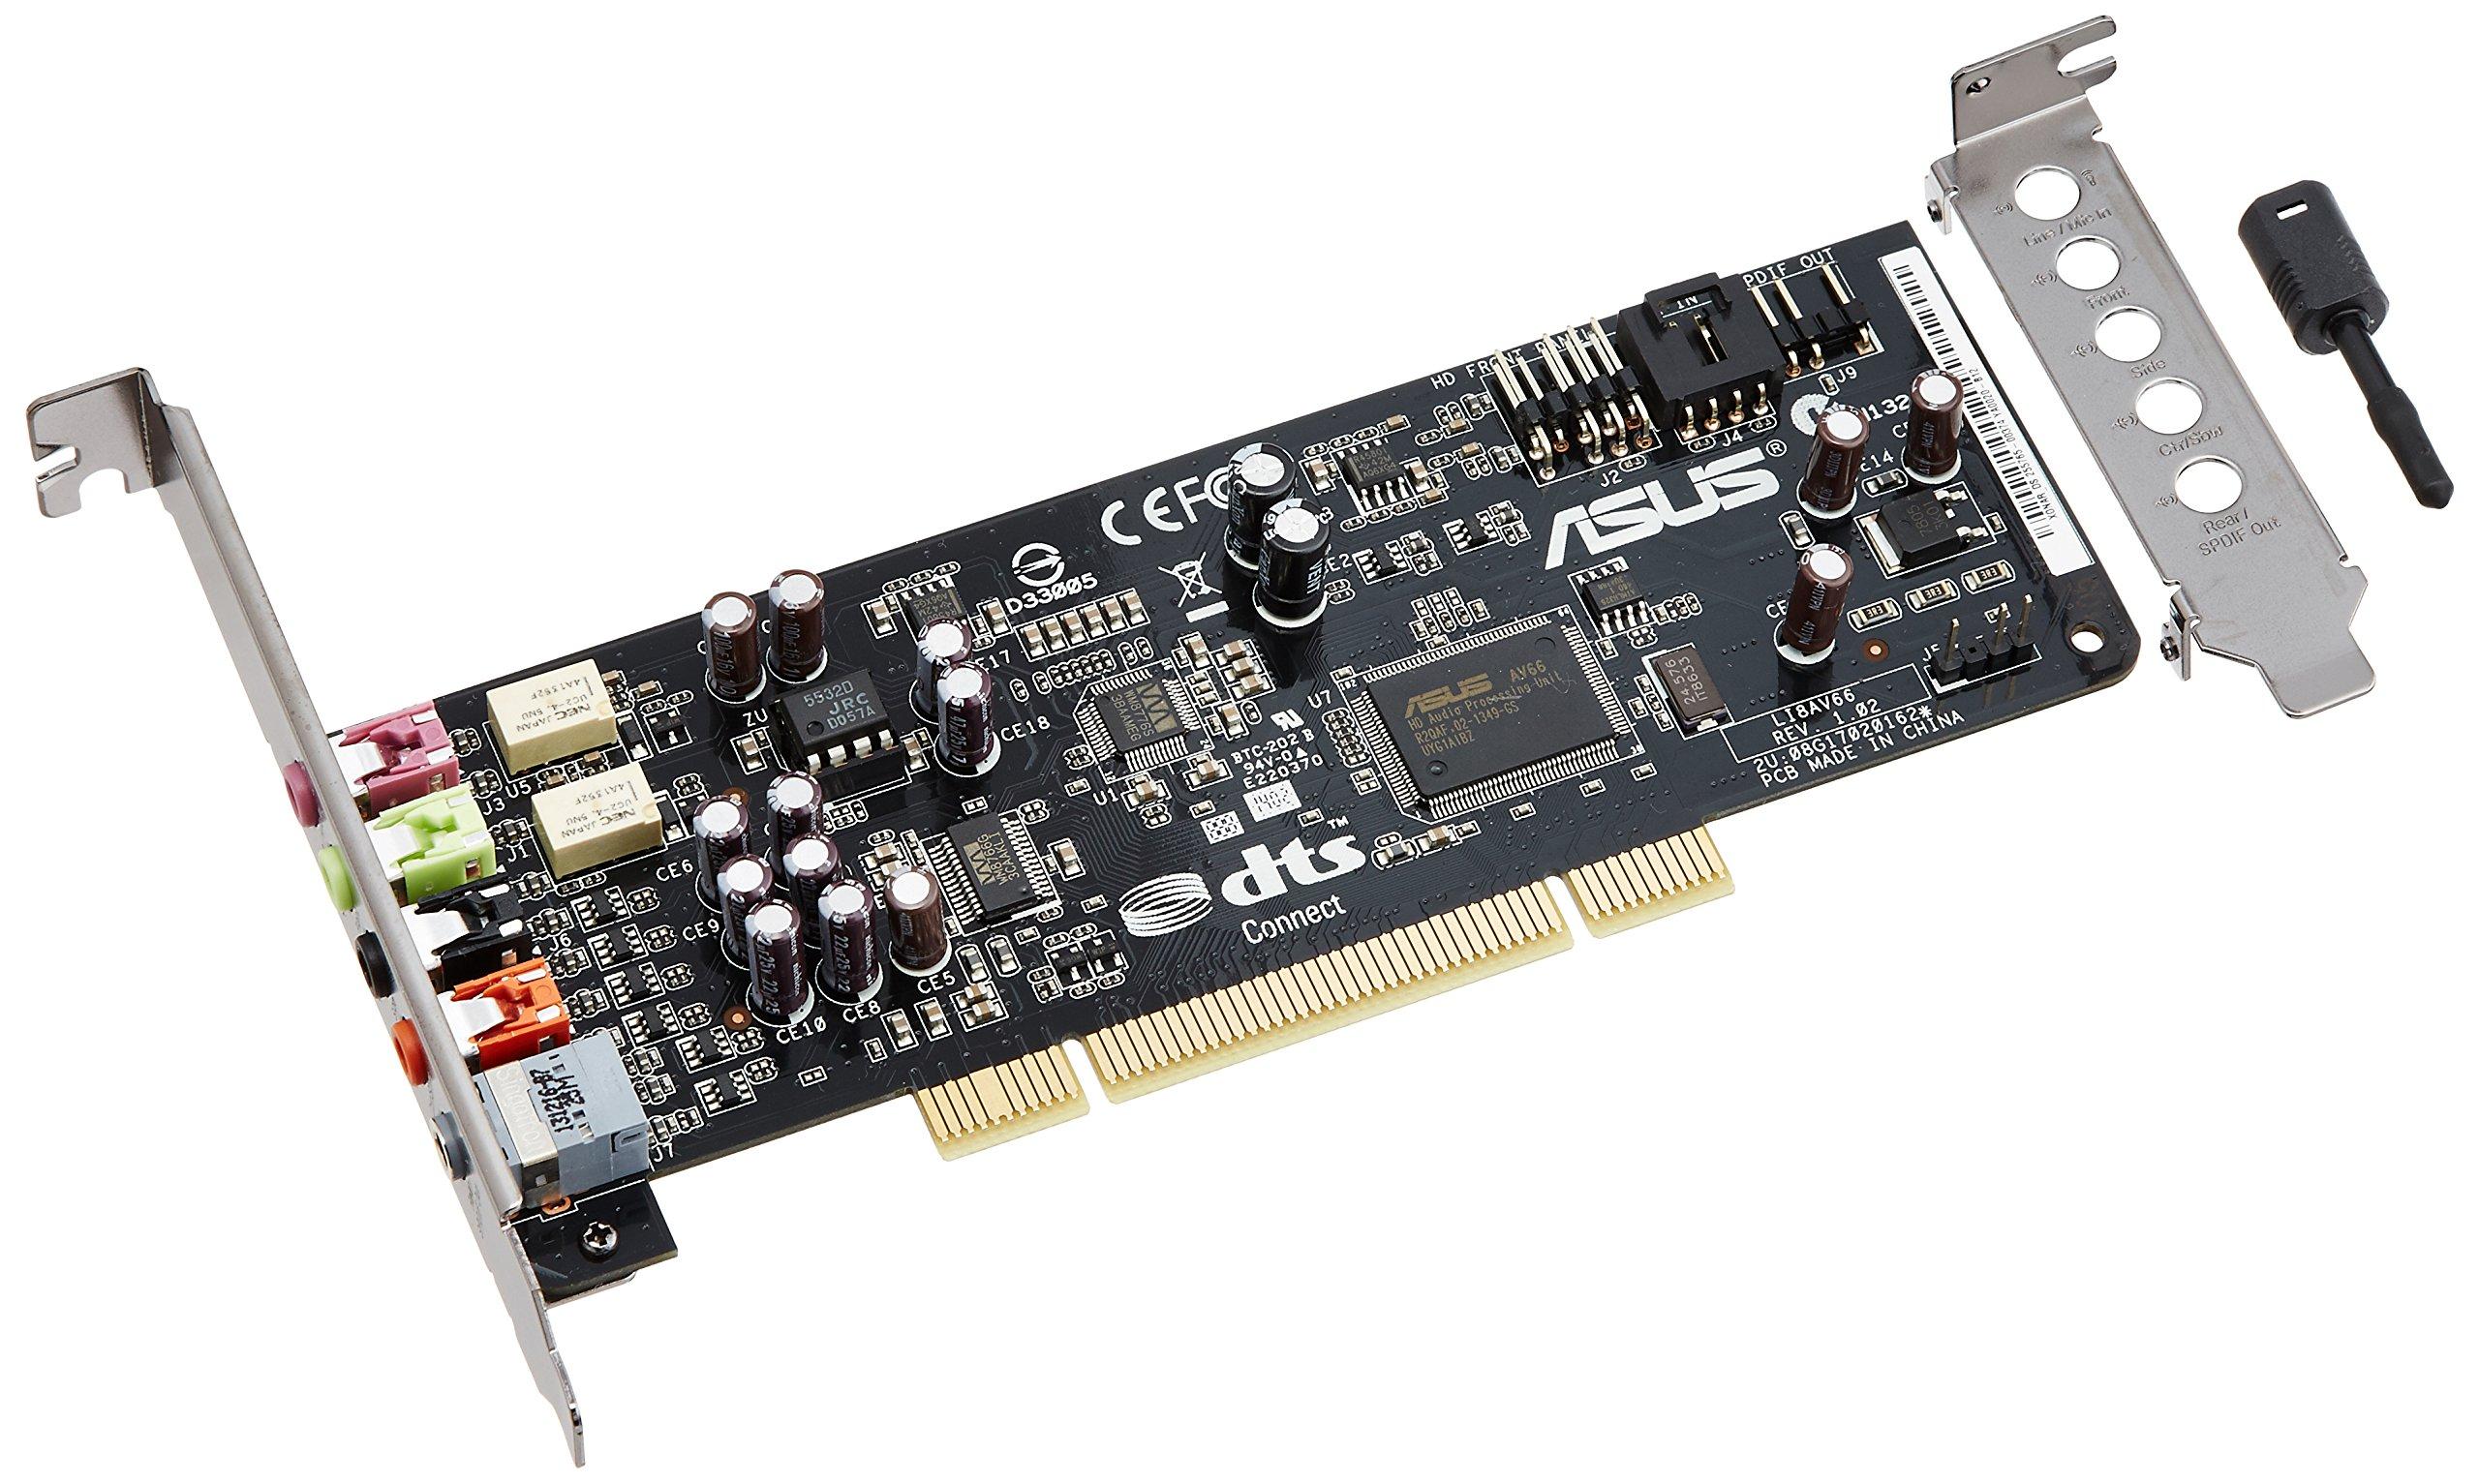 ASUS Xonar DS 7.1 Channels PCI Interface Sound Card